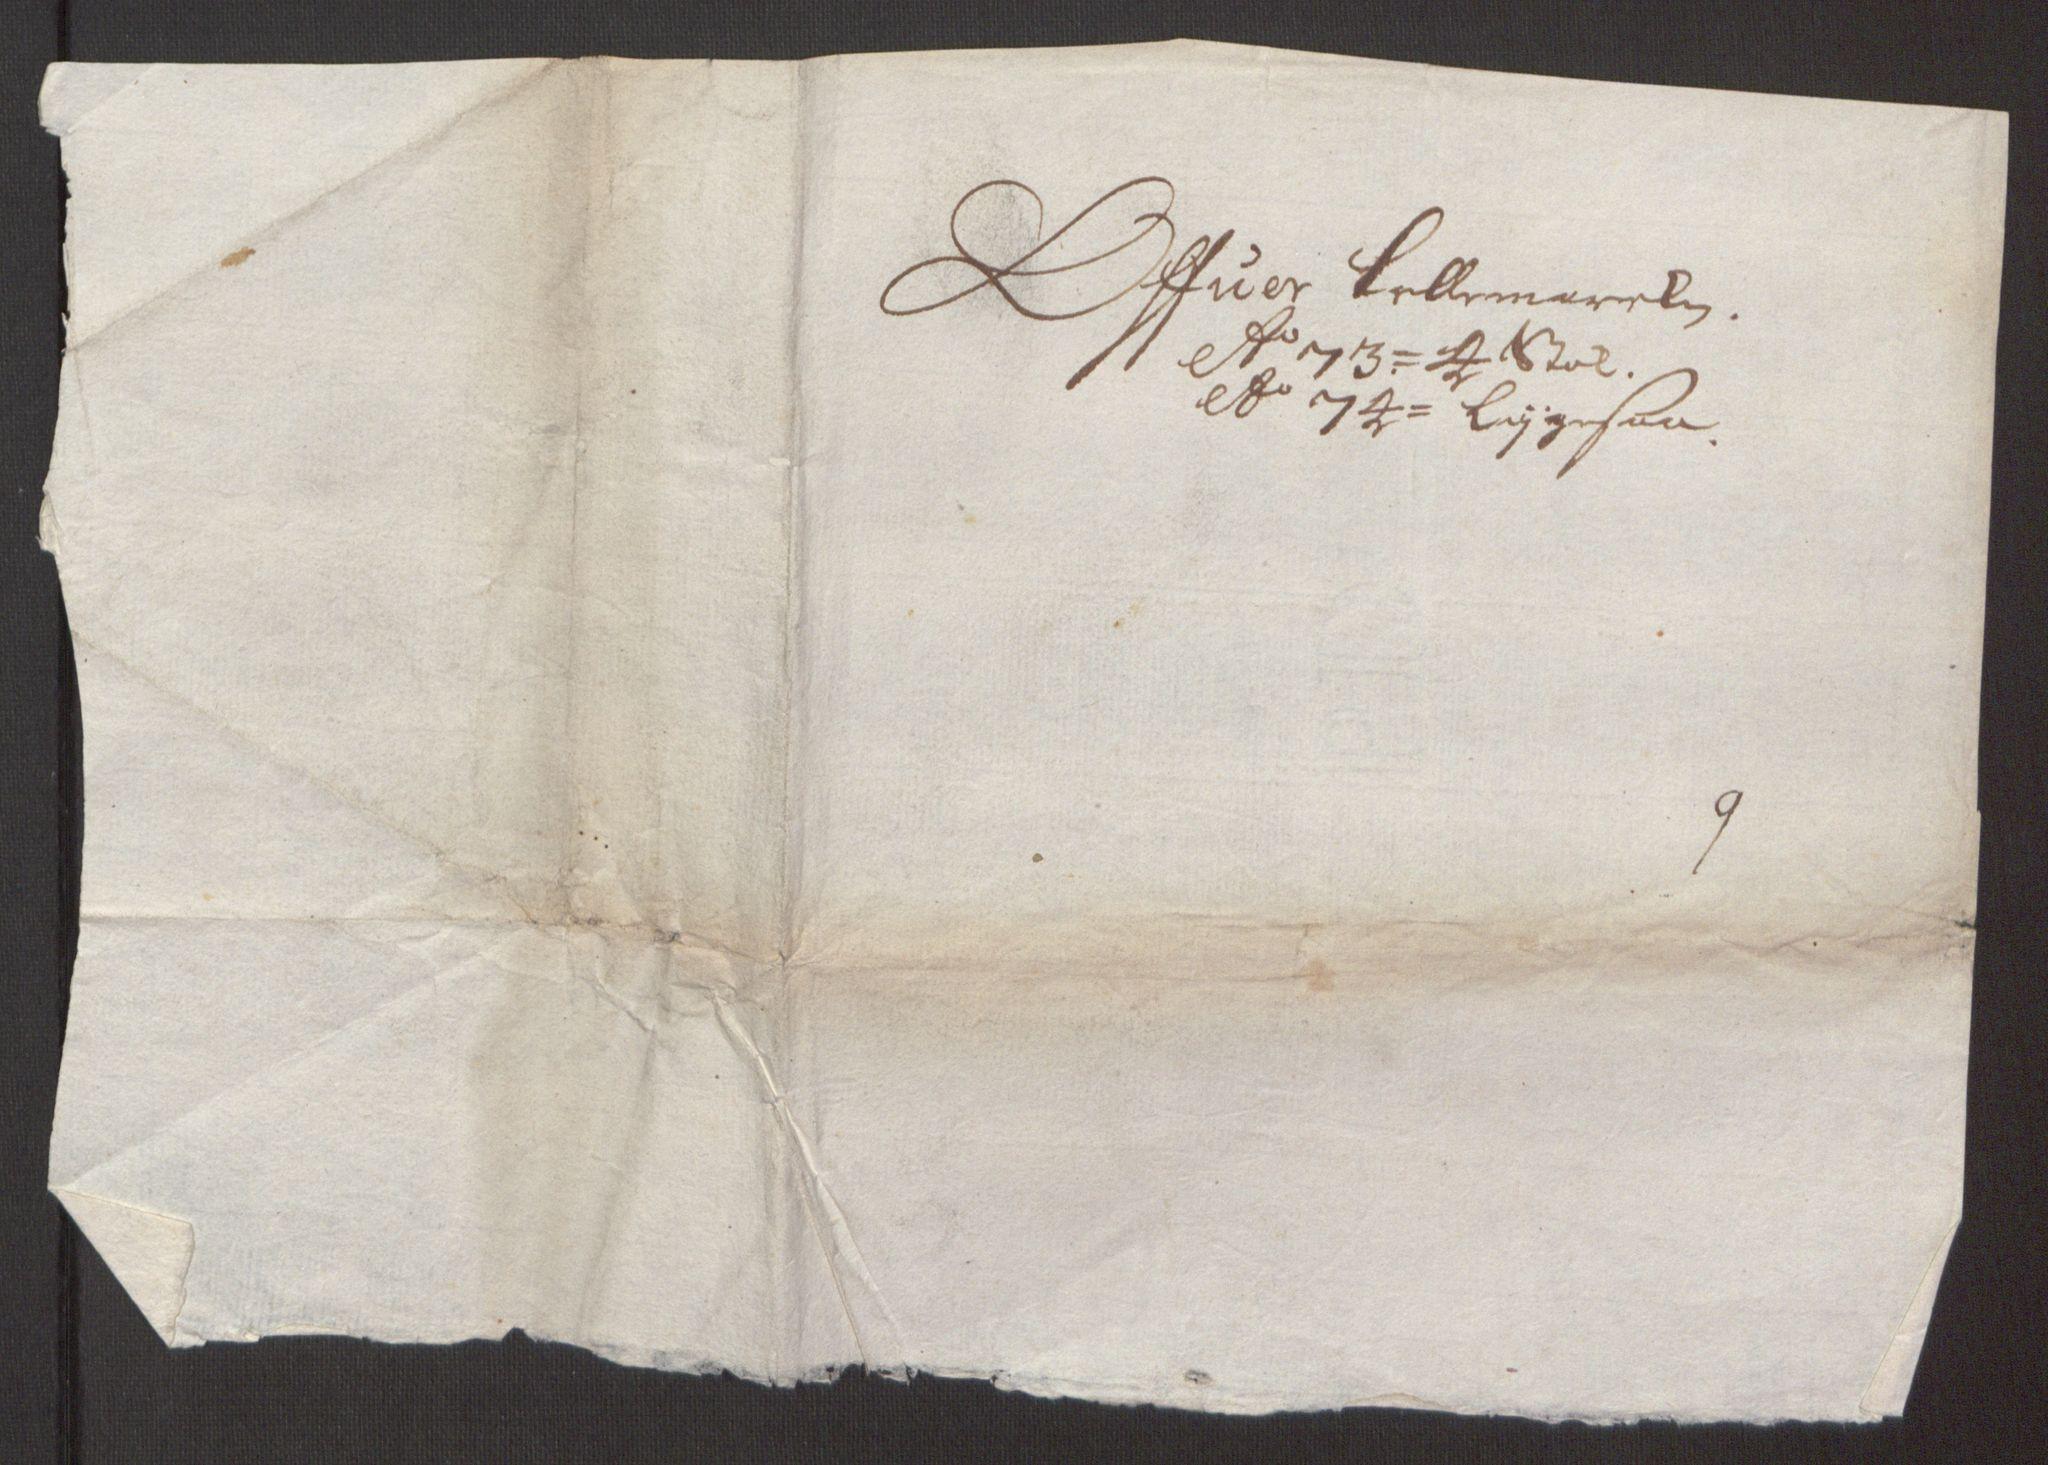 RA, Rentekammeret inntil 1814, Reviderte regnskaper, Fogderegnskap, R35/L2061: Fogderegnskap Øvre og Nedre Telemark, 1673-1674, s. 214